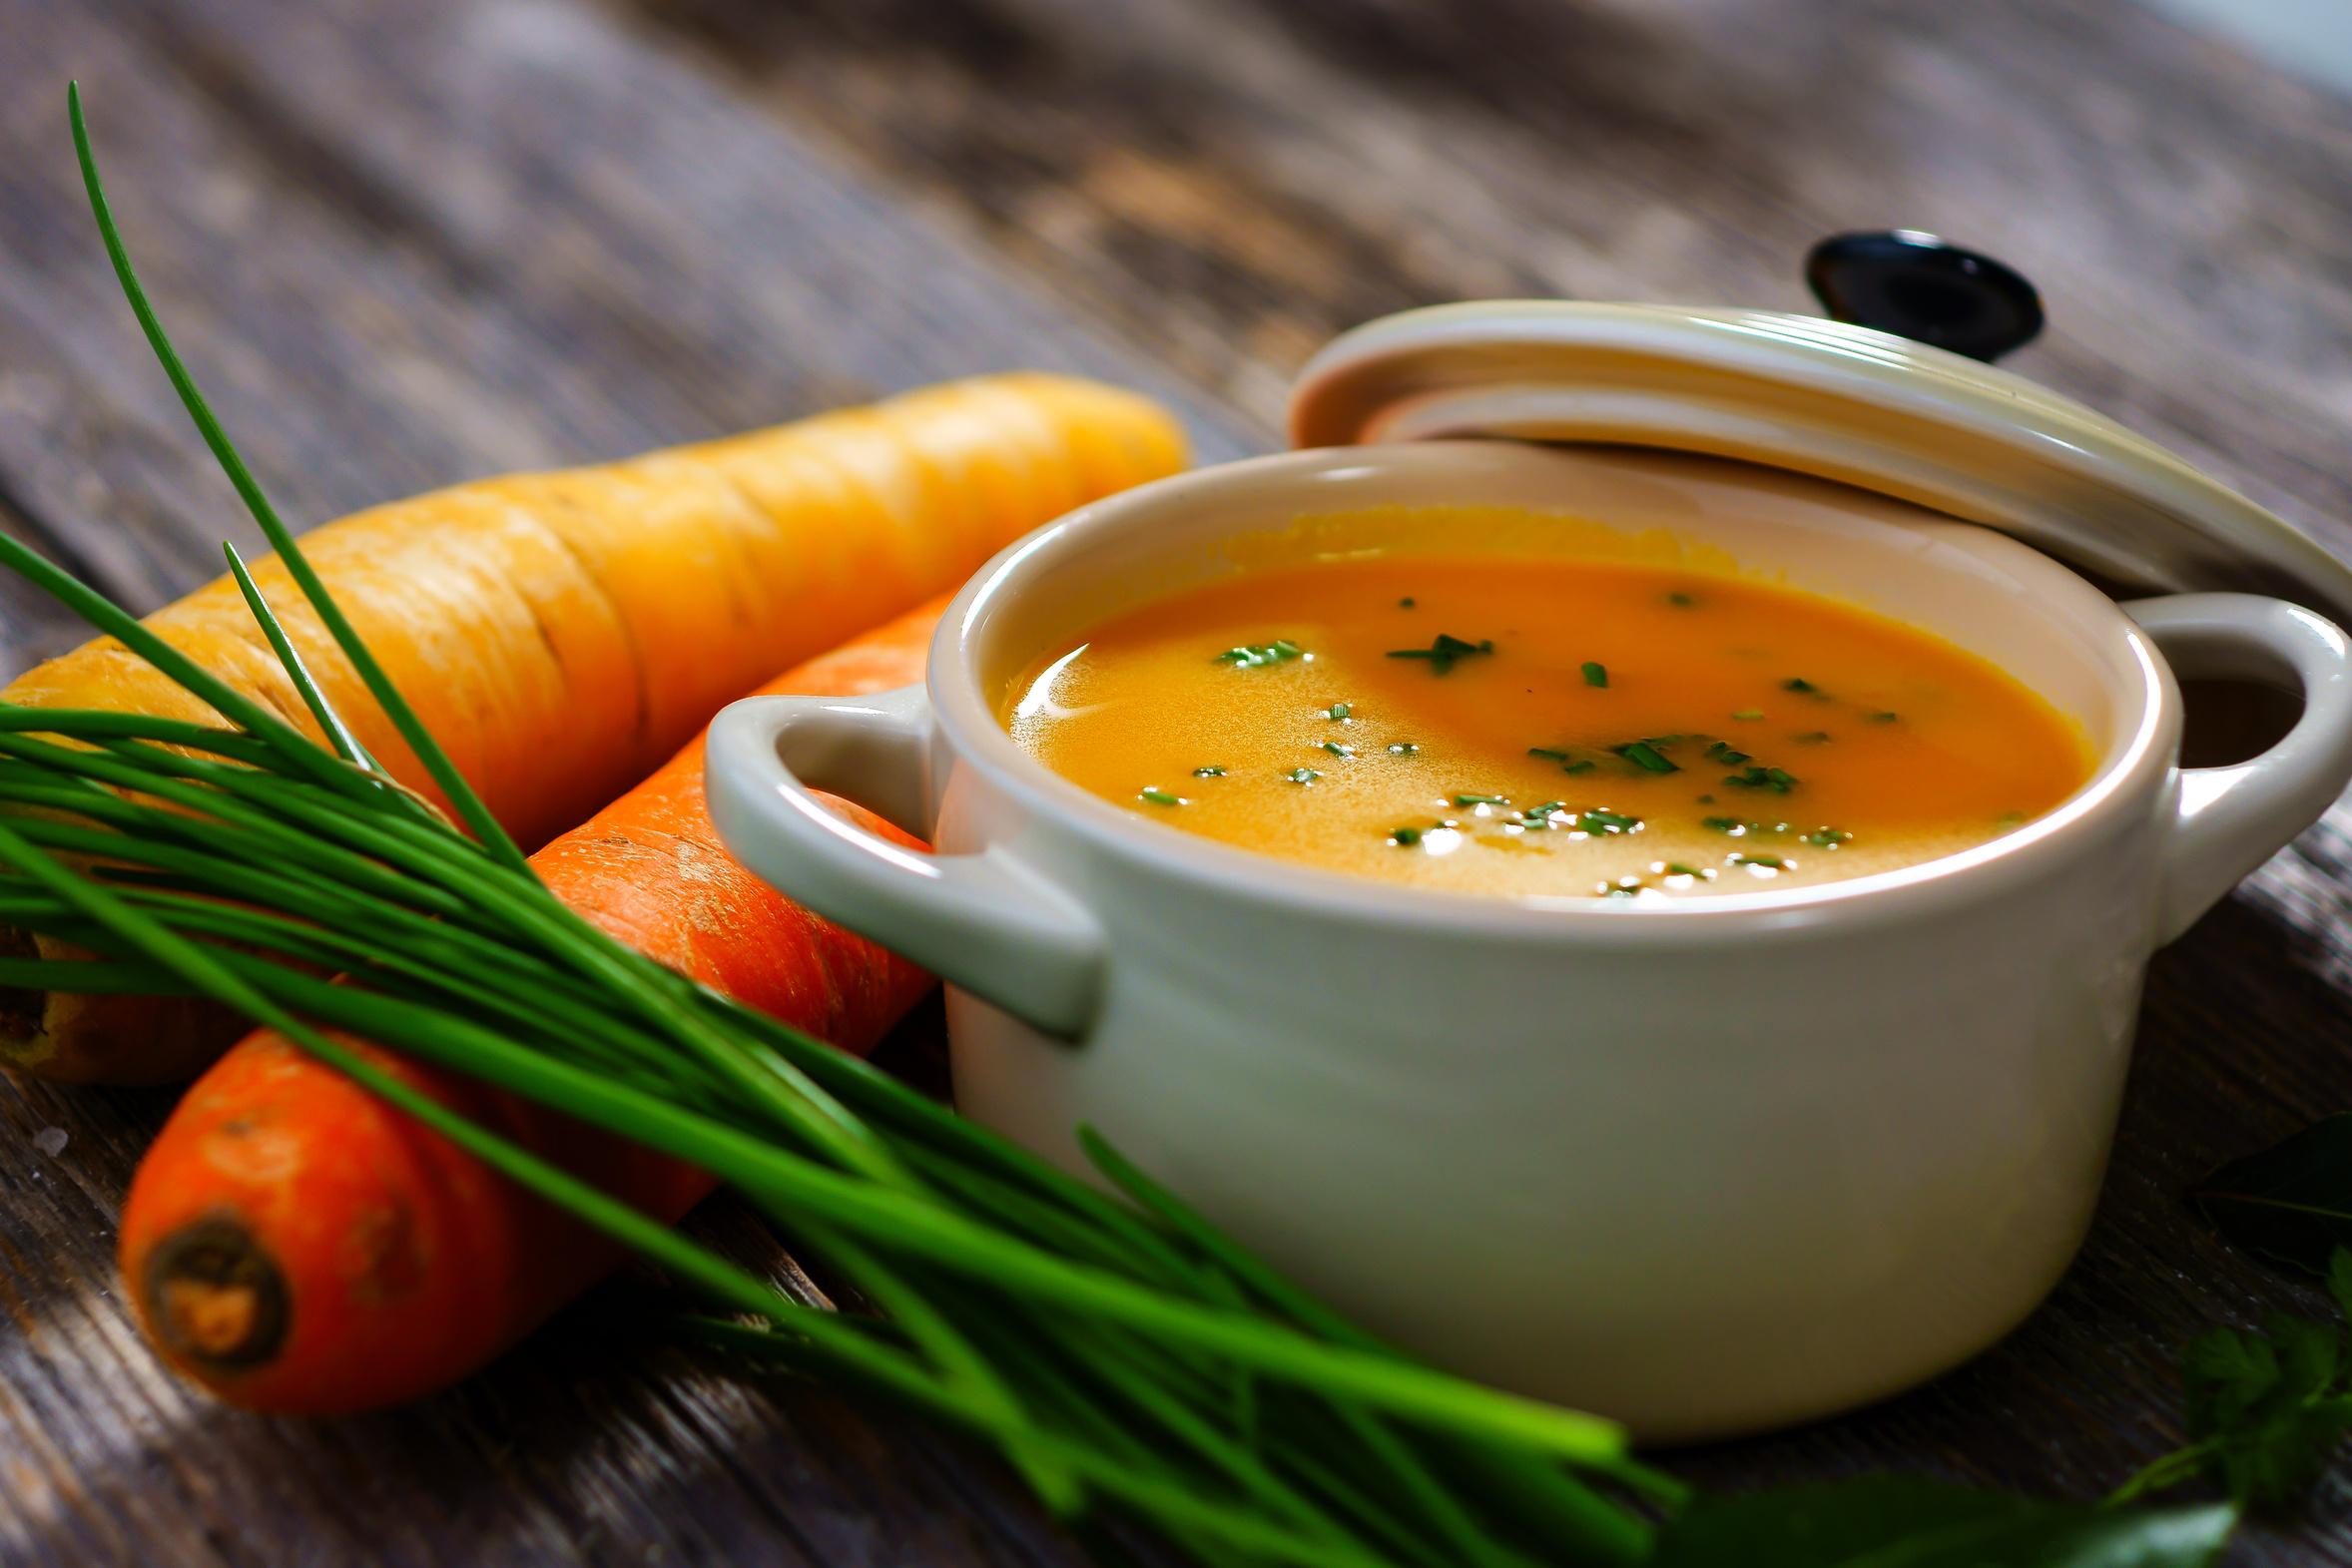 7 Beneficios De La Zanahoria Blog Vitalis Bienestar ¿cuáles son los beneficios y propiedades de la zanahoria? https vitalis blog com 7 beneficios de la zanahoria